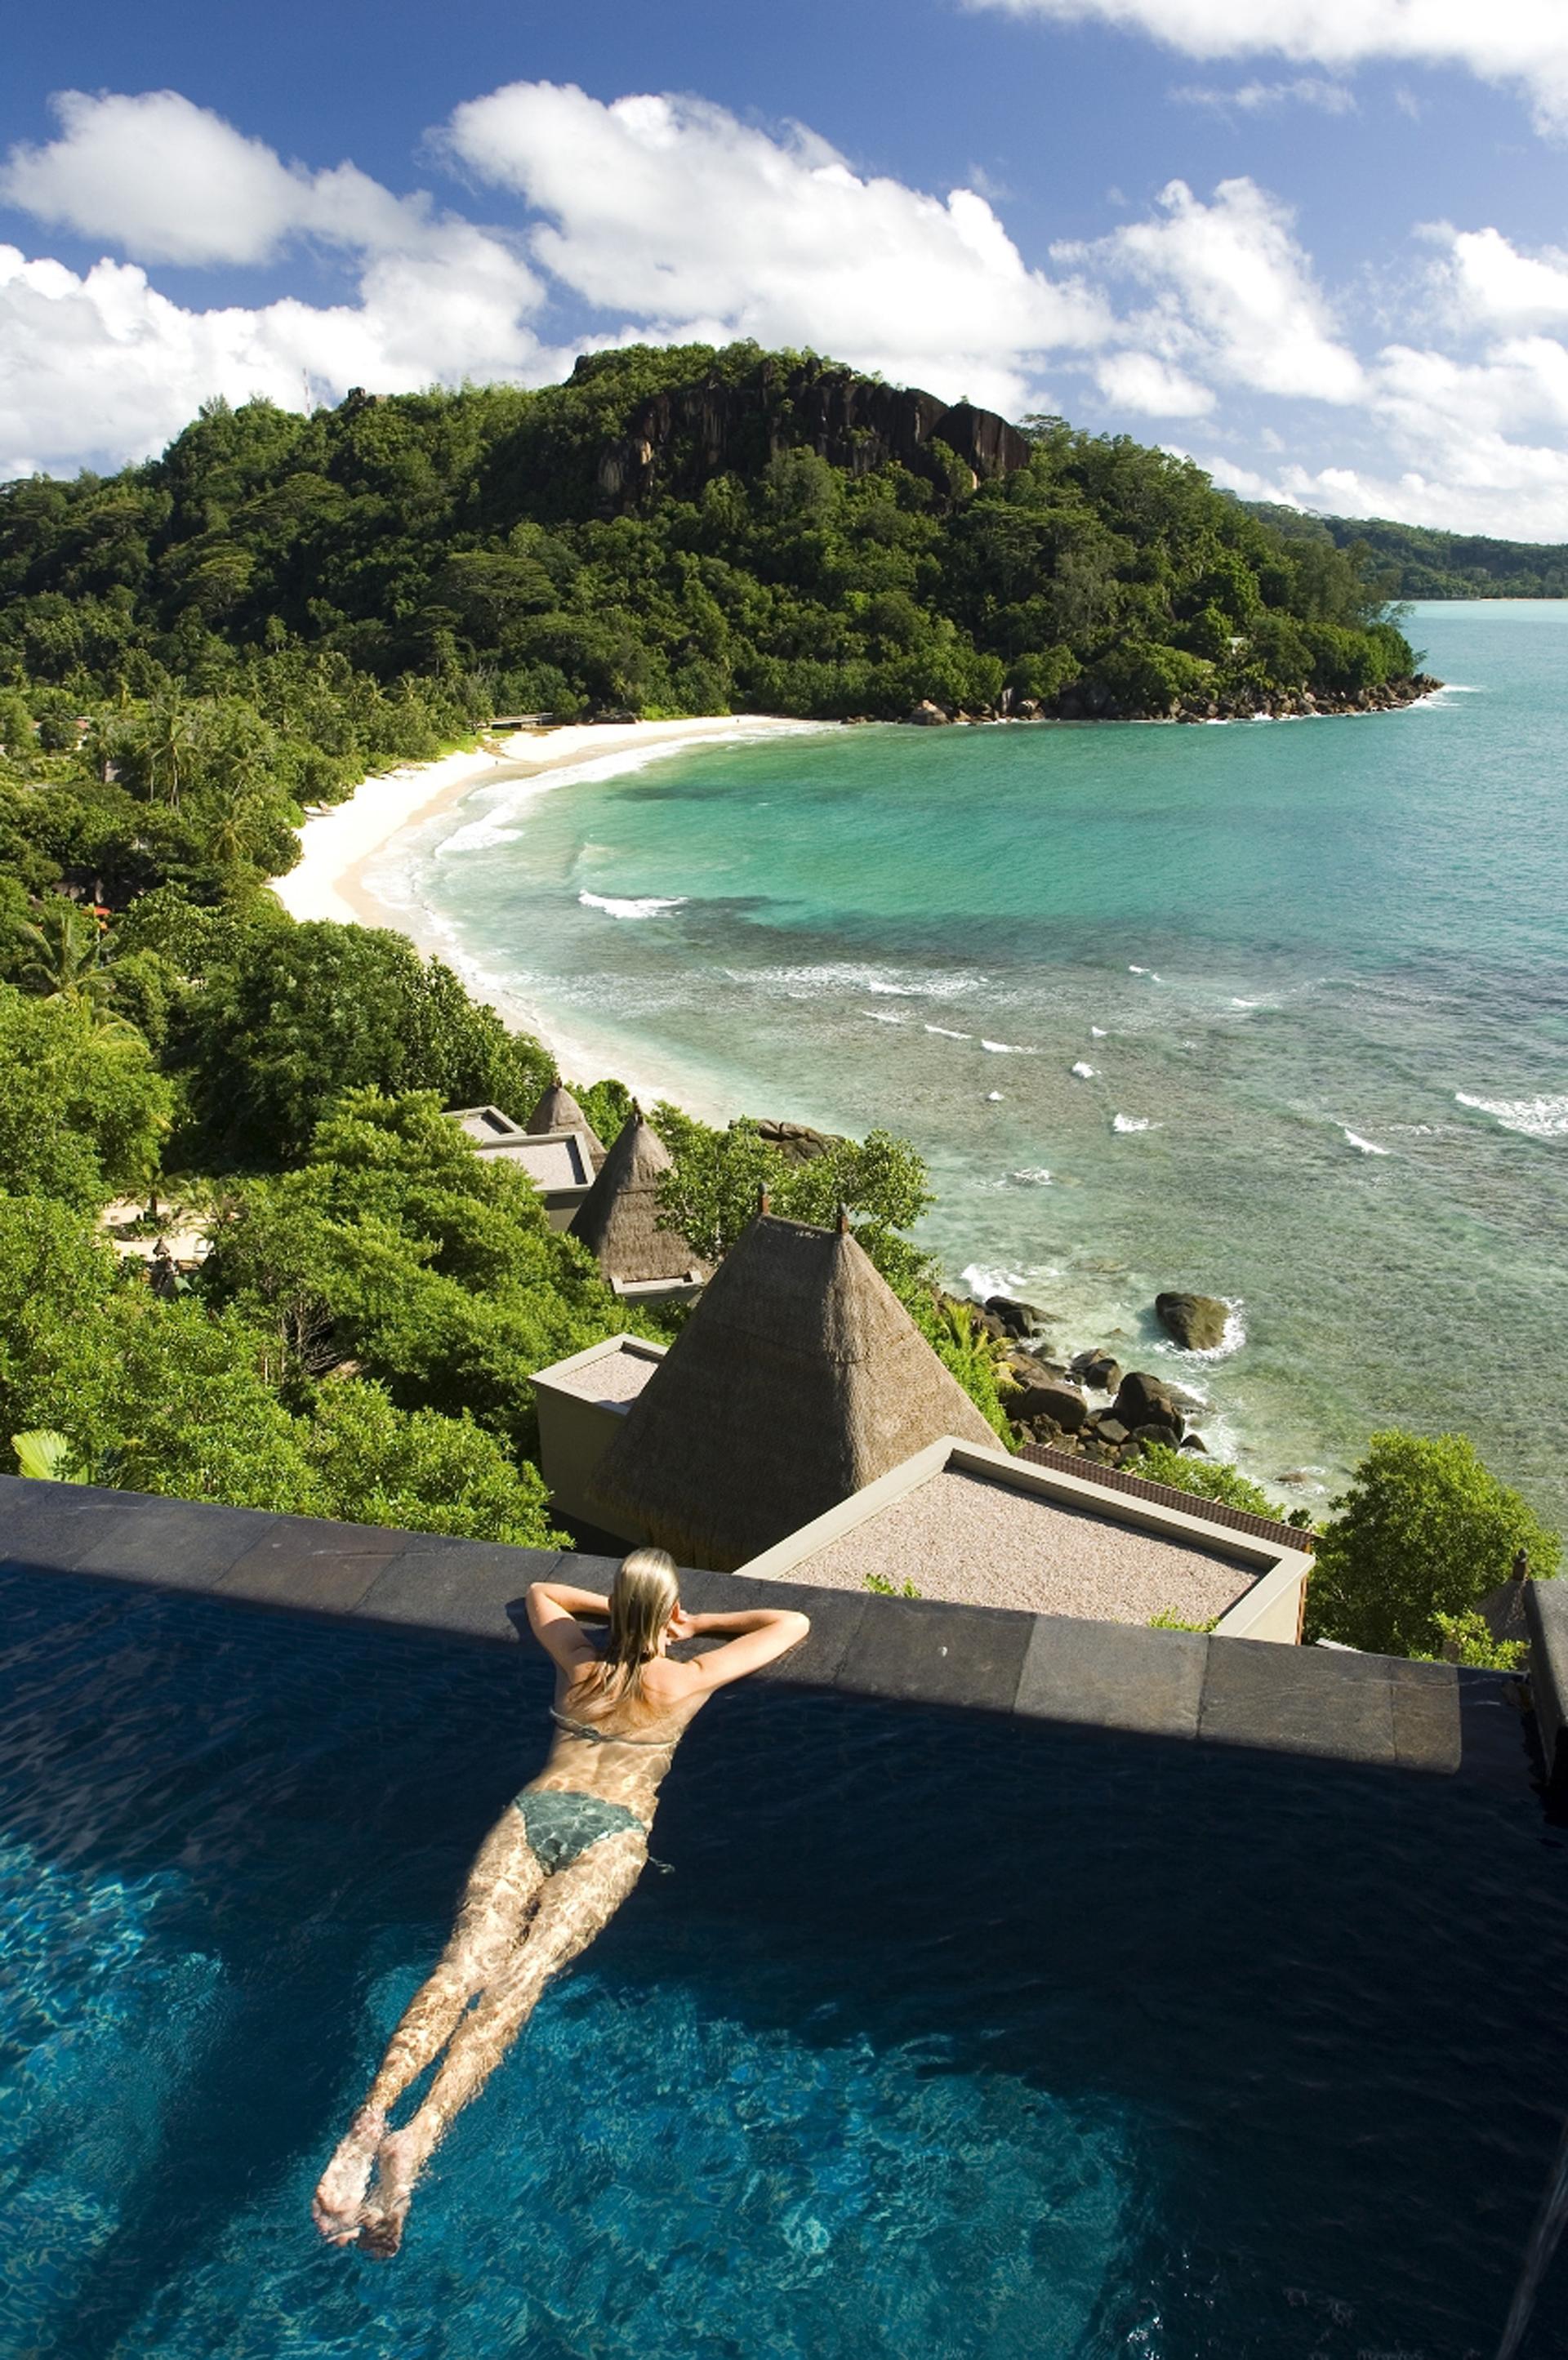 Desde la psicina descubierta del hotel se puede ver toda la costa del paraíso (Fine Hotels Spa & Resort of The World)